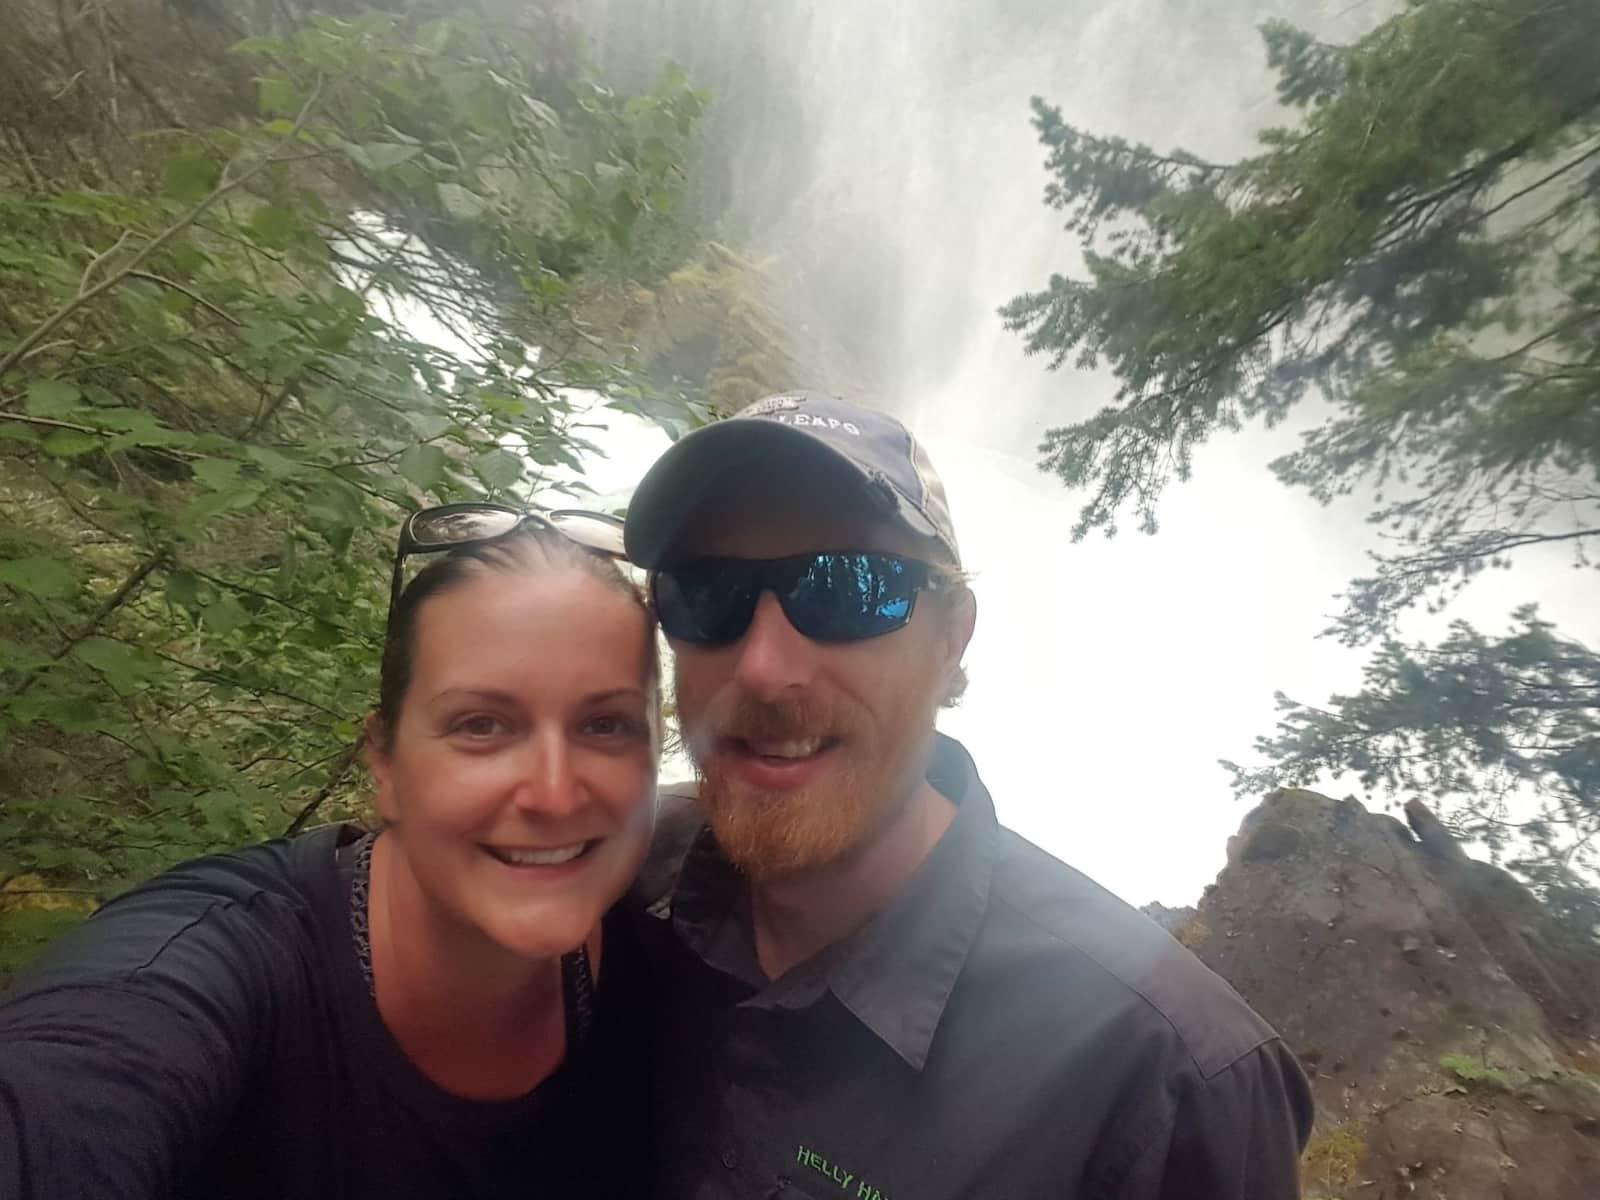 Jordan & Erin from Calgary, Alberta, Canada